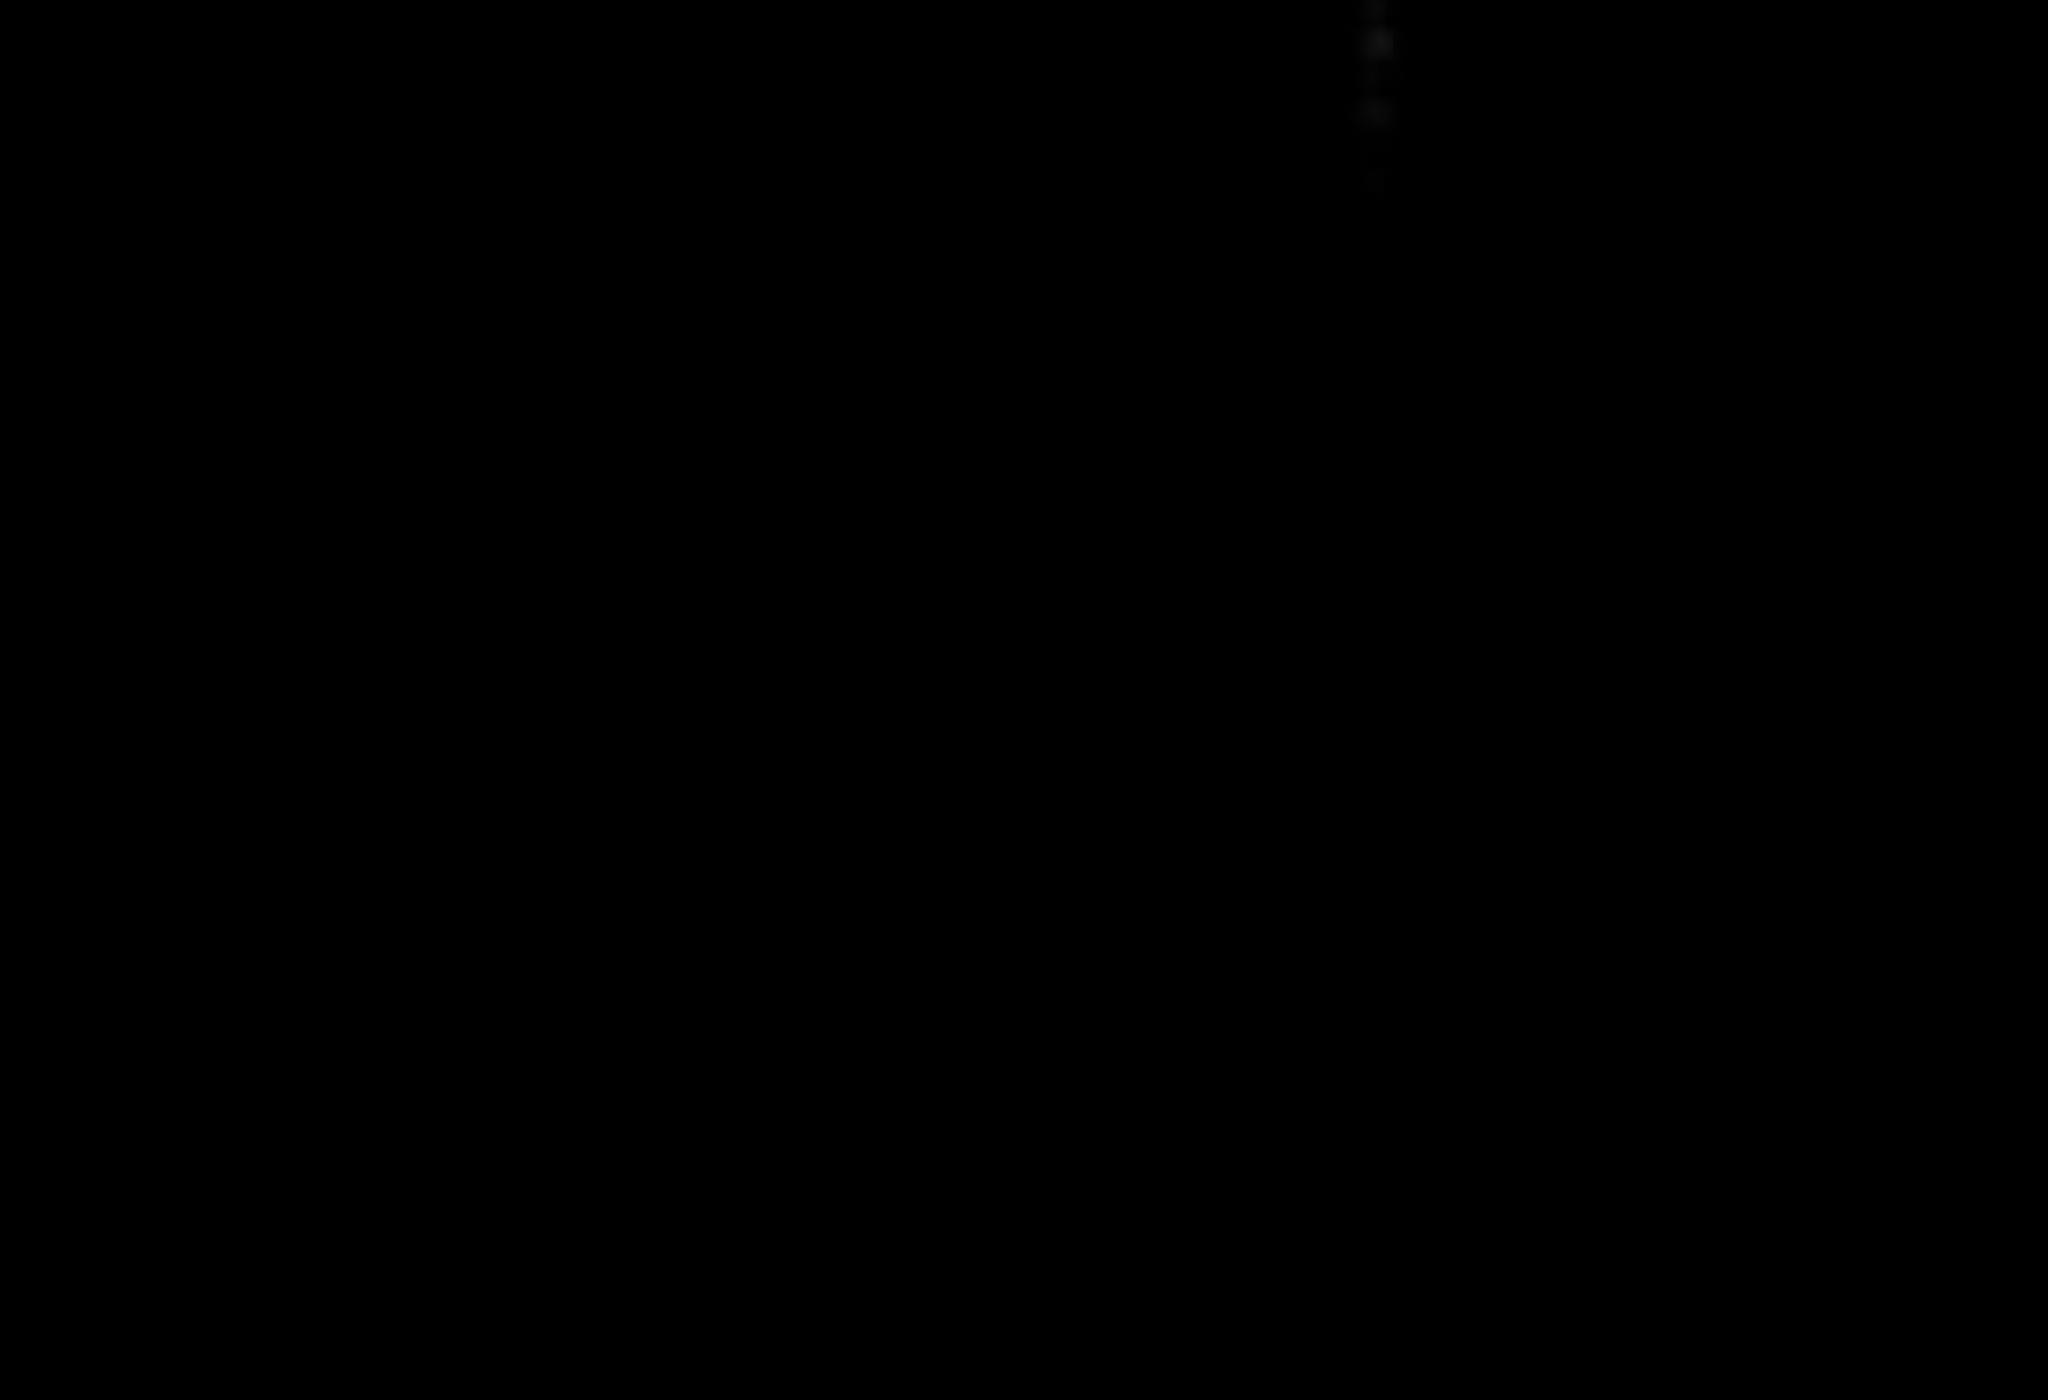 plain-black-background.jpg